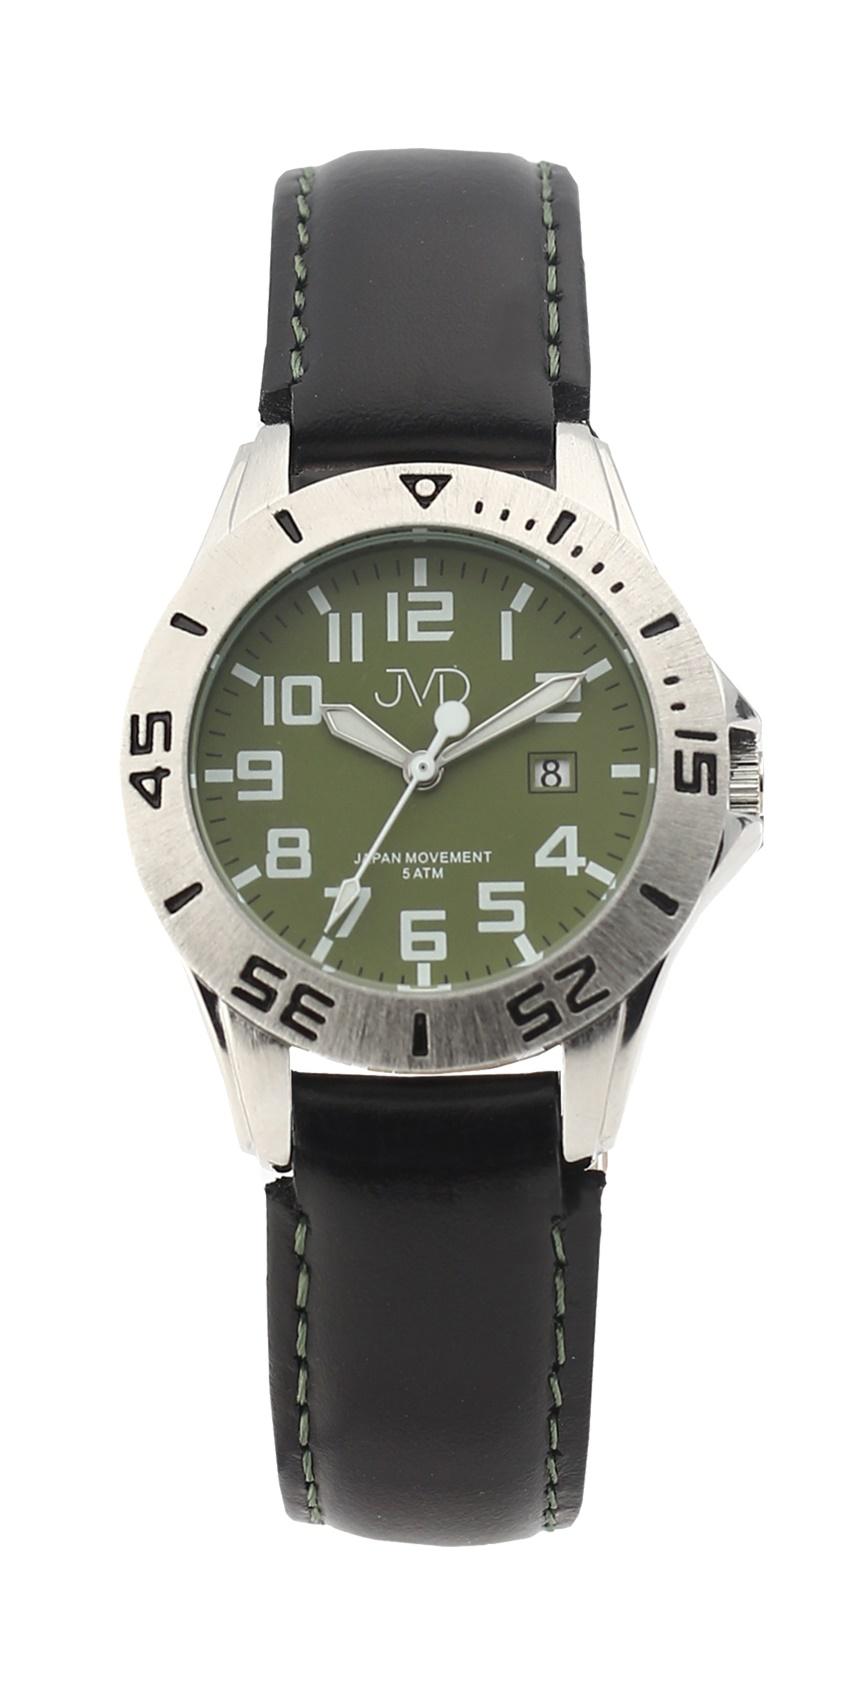 Černé chlapecké vodoodolné dětské náramkové hodinky JVD J7177.5 (5ATM - voděodolnost)